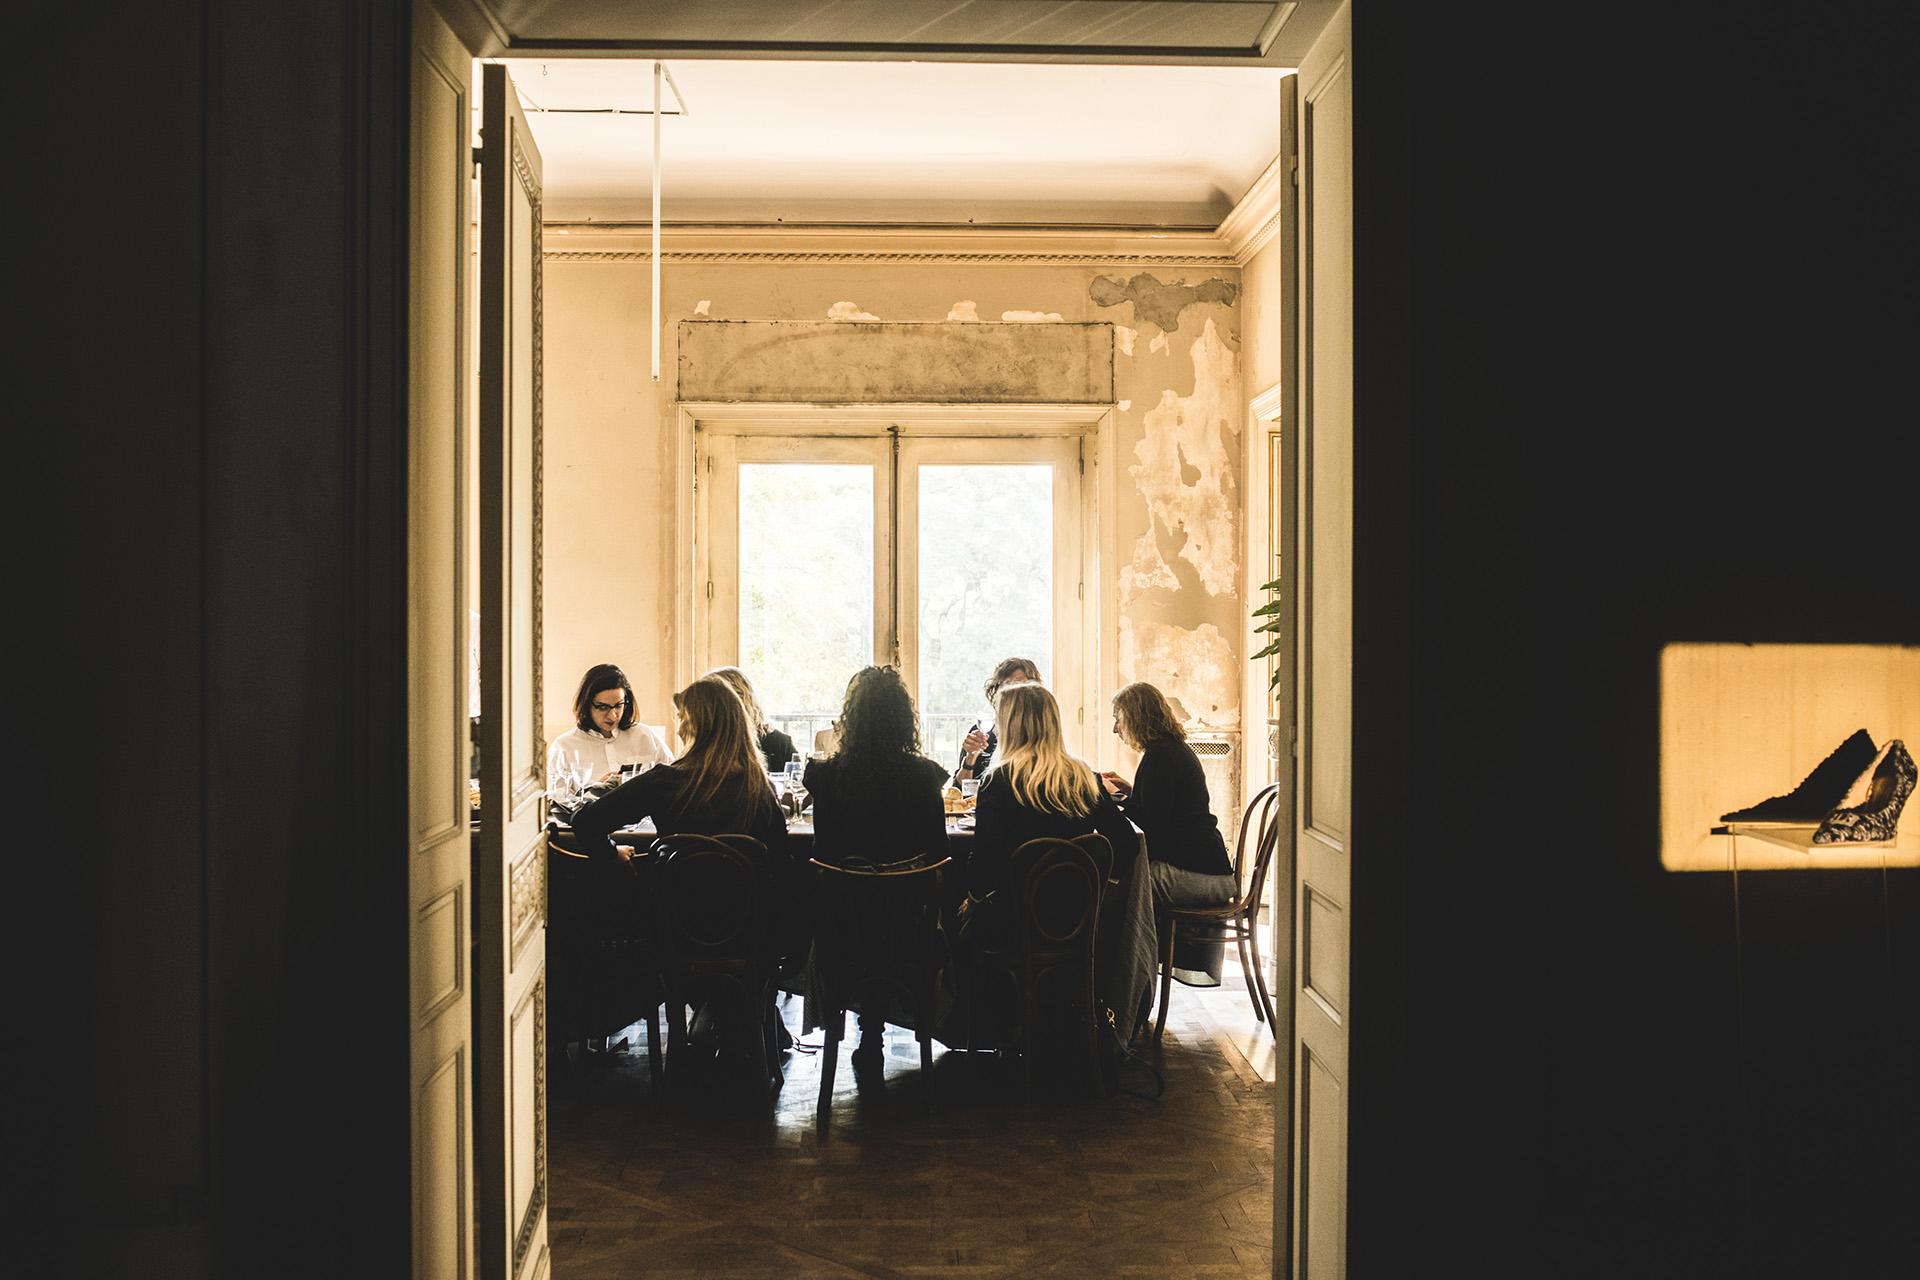 El encuentro tuvo lugar en Palermo